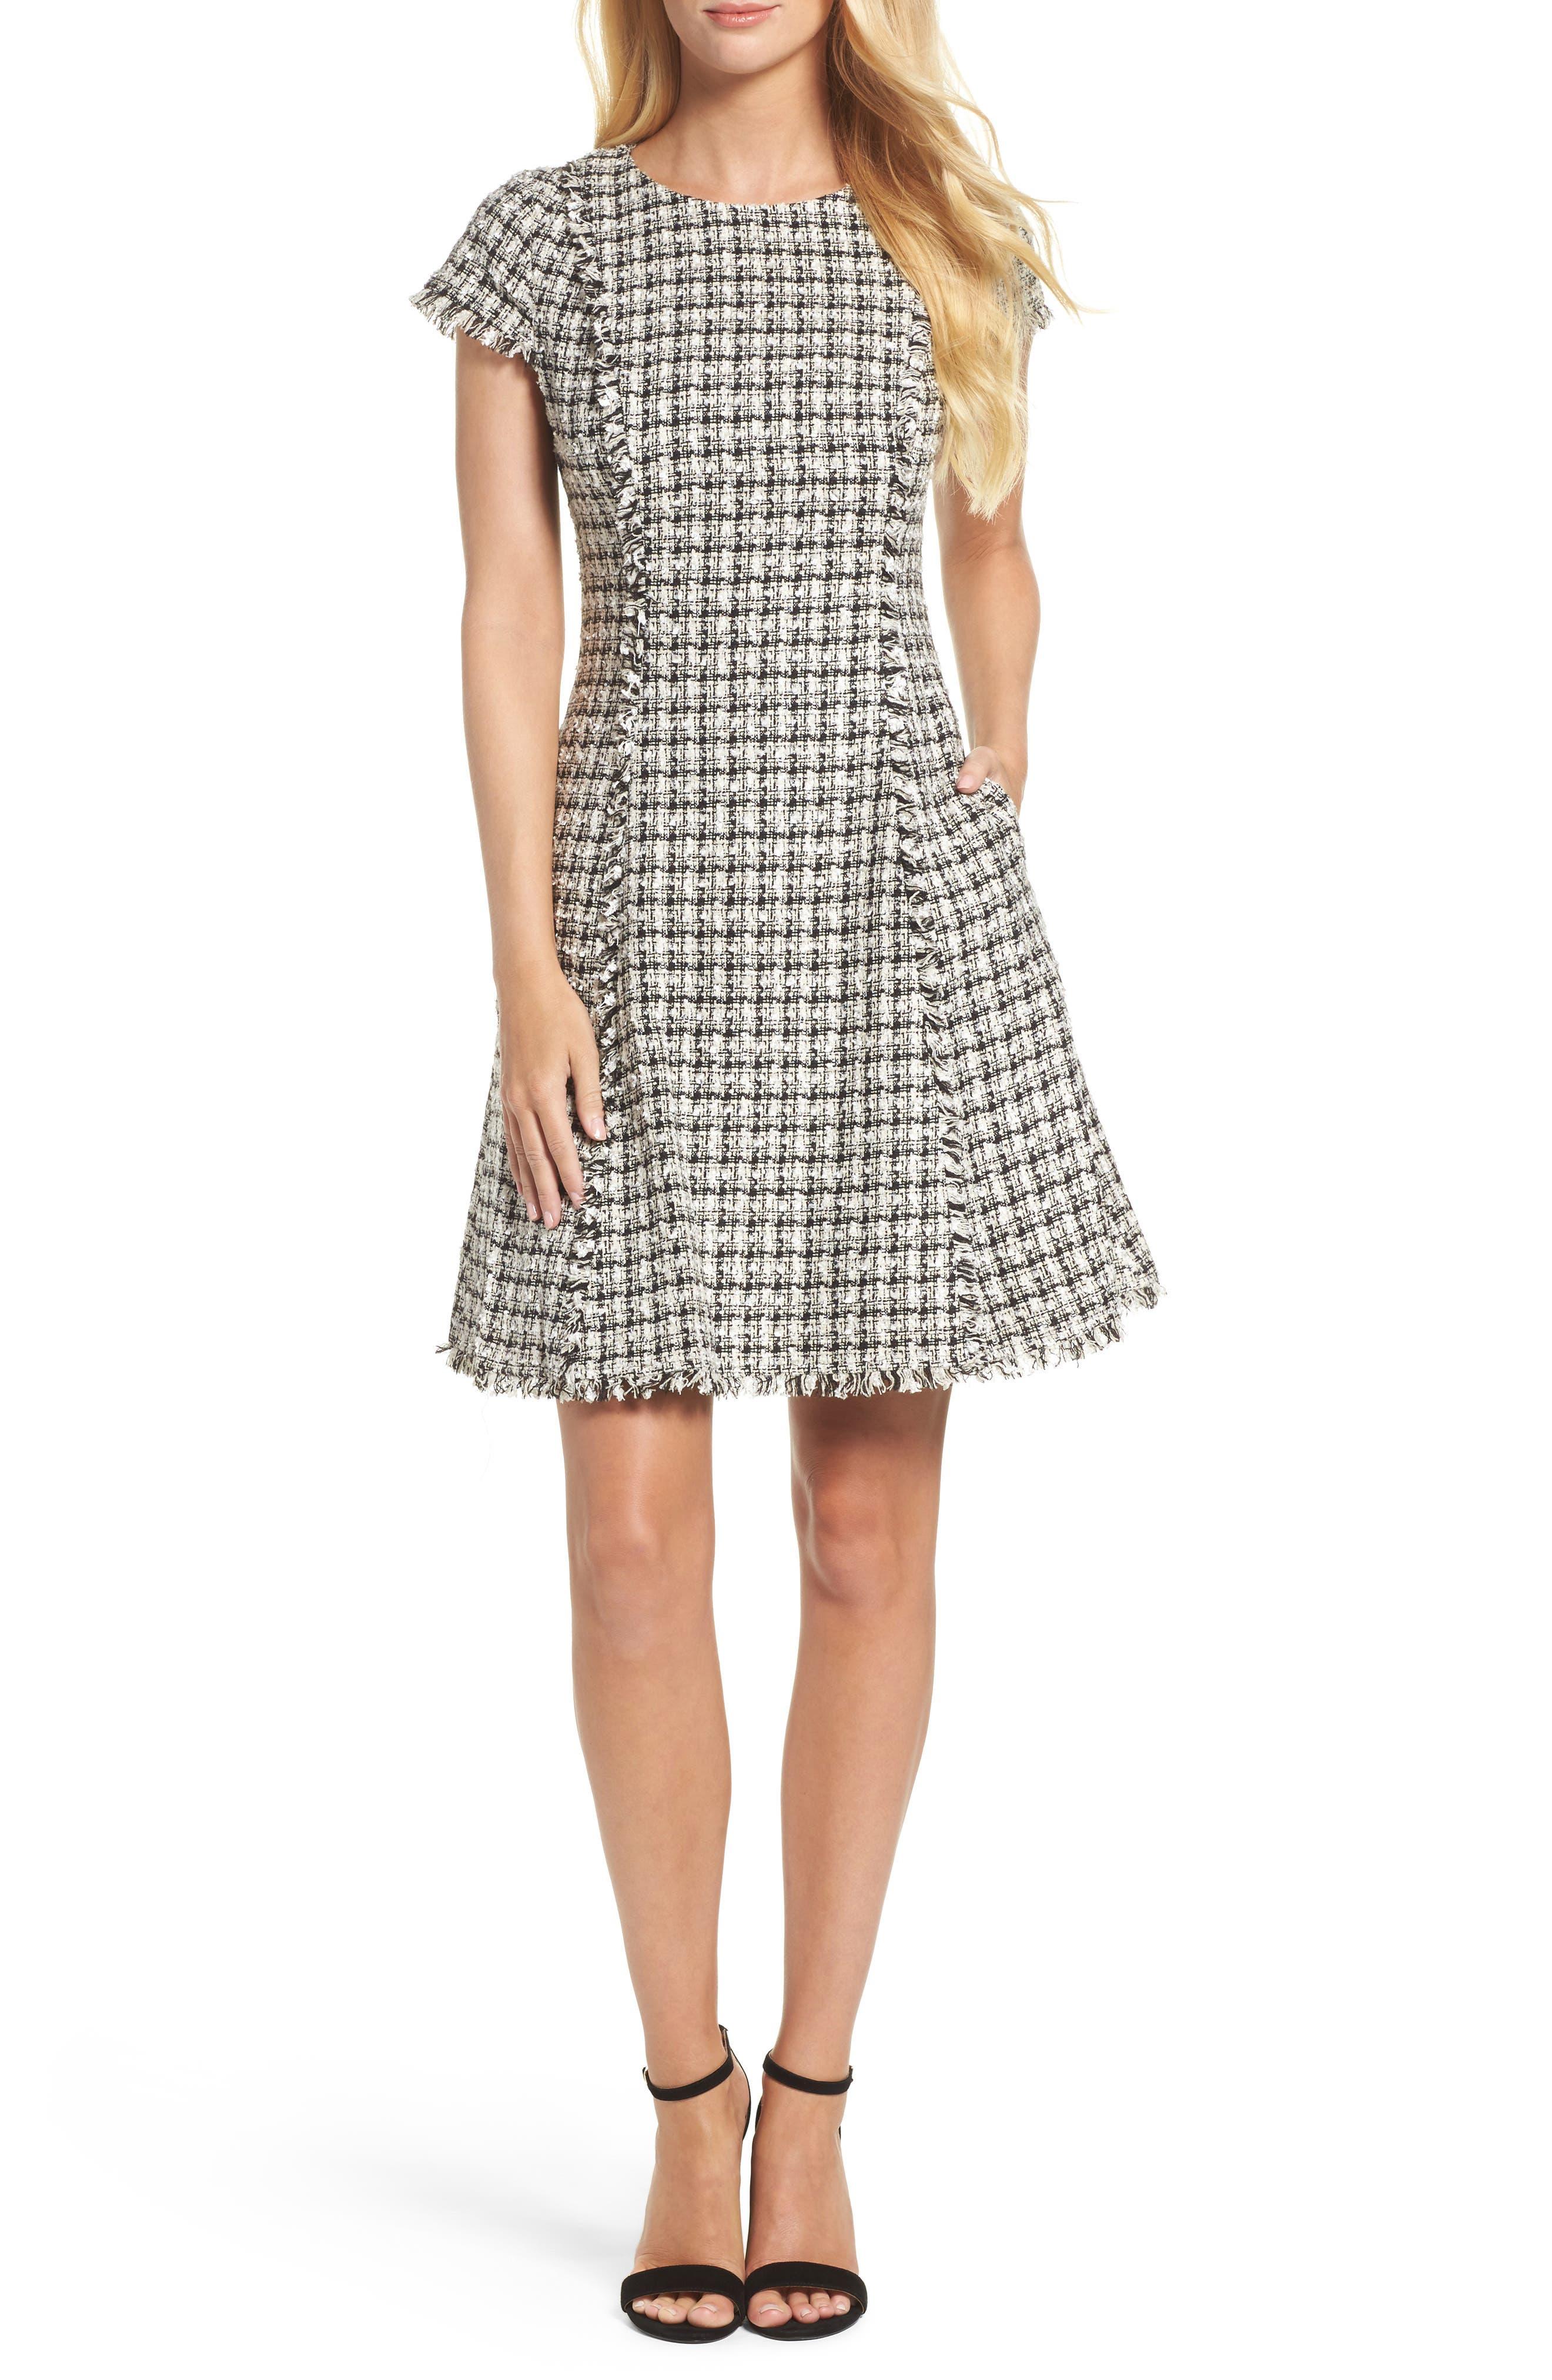 Alternate Image 1 Selected - Eliza J Houndstooth Fit & Flare Dress